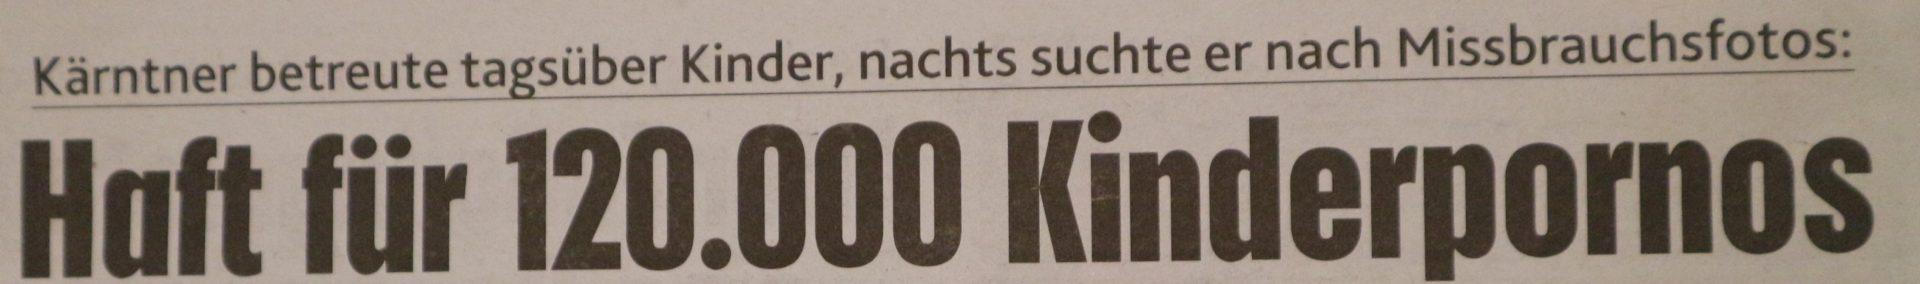 Sexuell sadistischer Triebtäter bekam für diese 120.000 Kindopfer - 6Monate Haft!